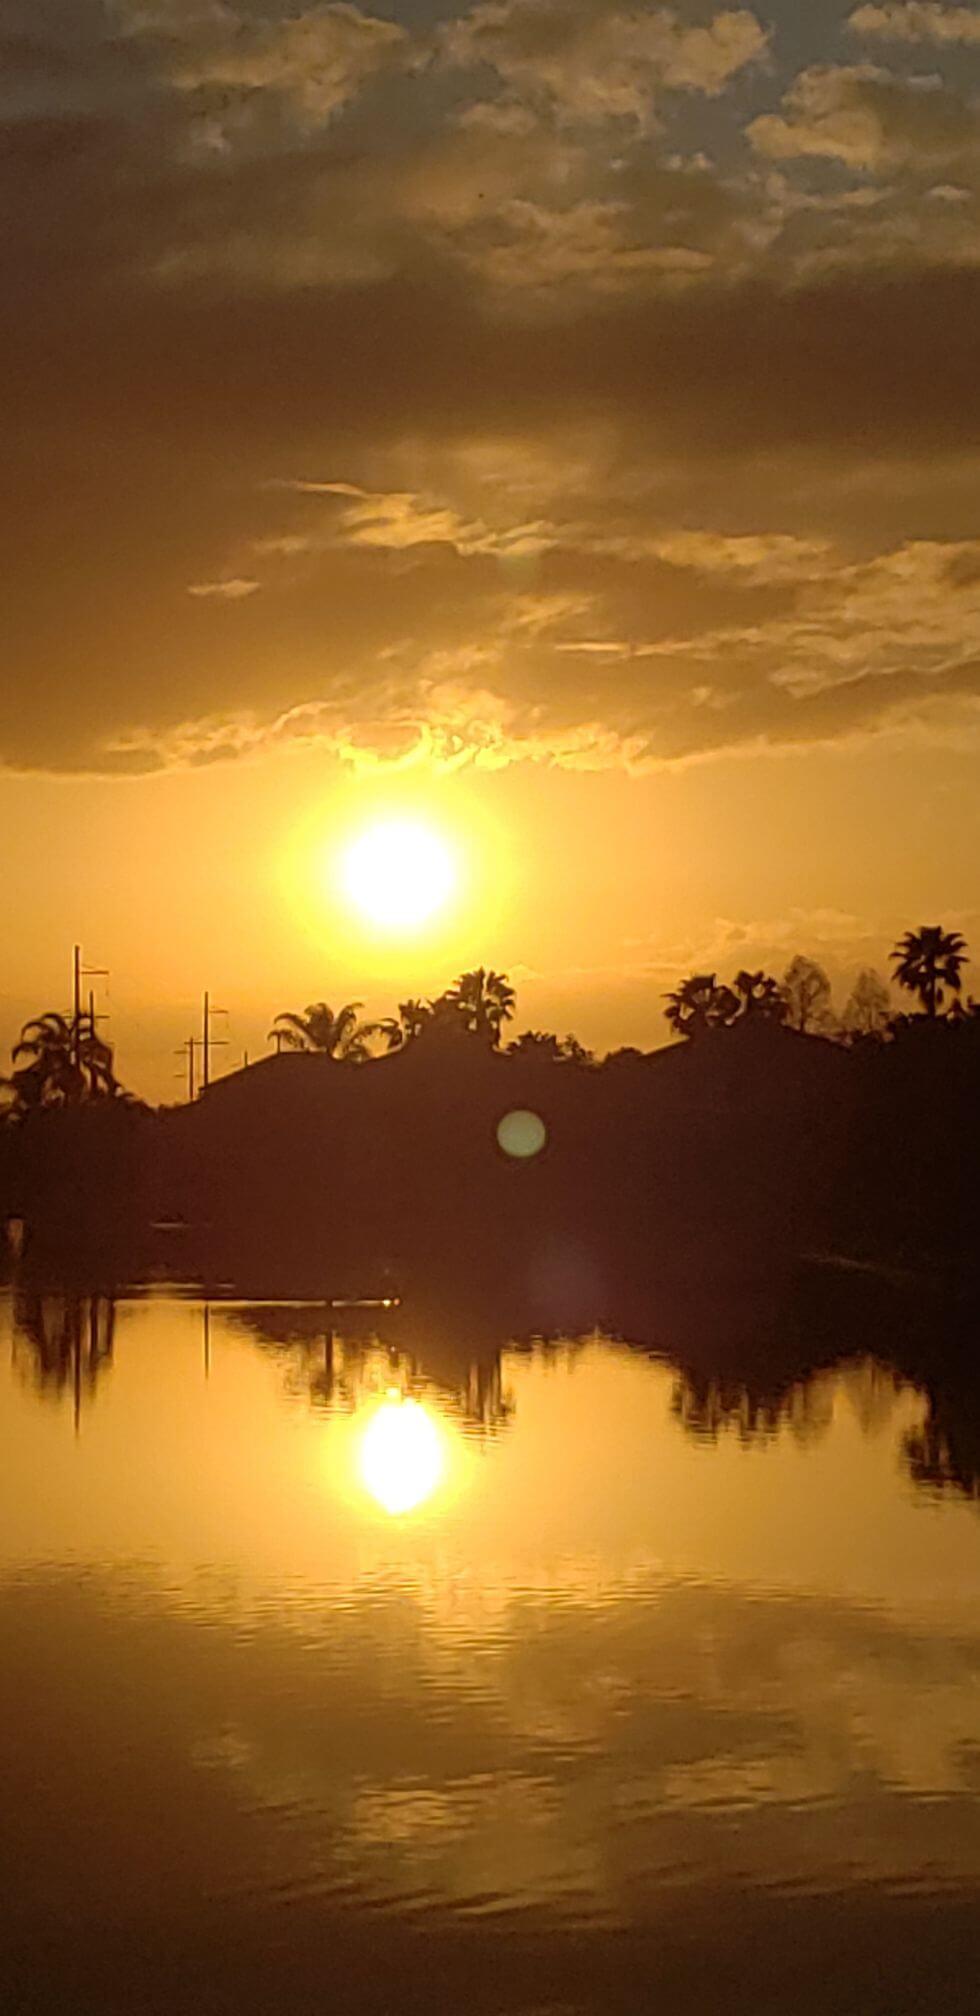 Kiwacz- Sunsets